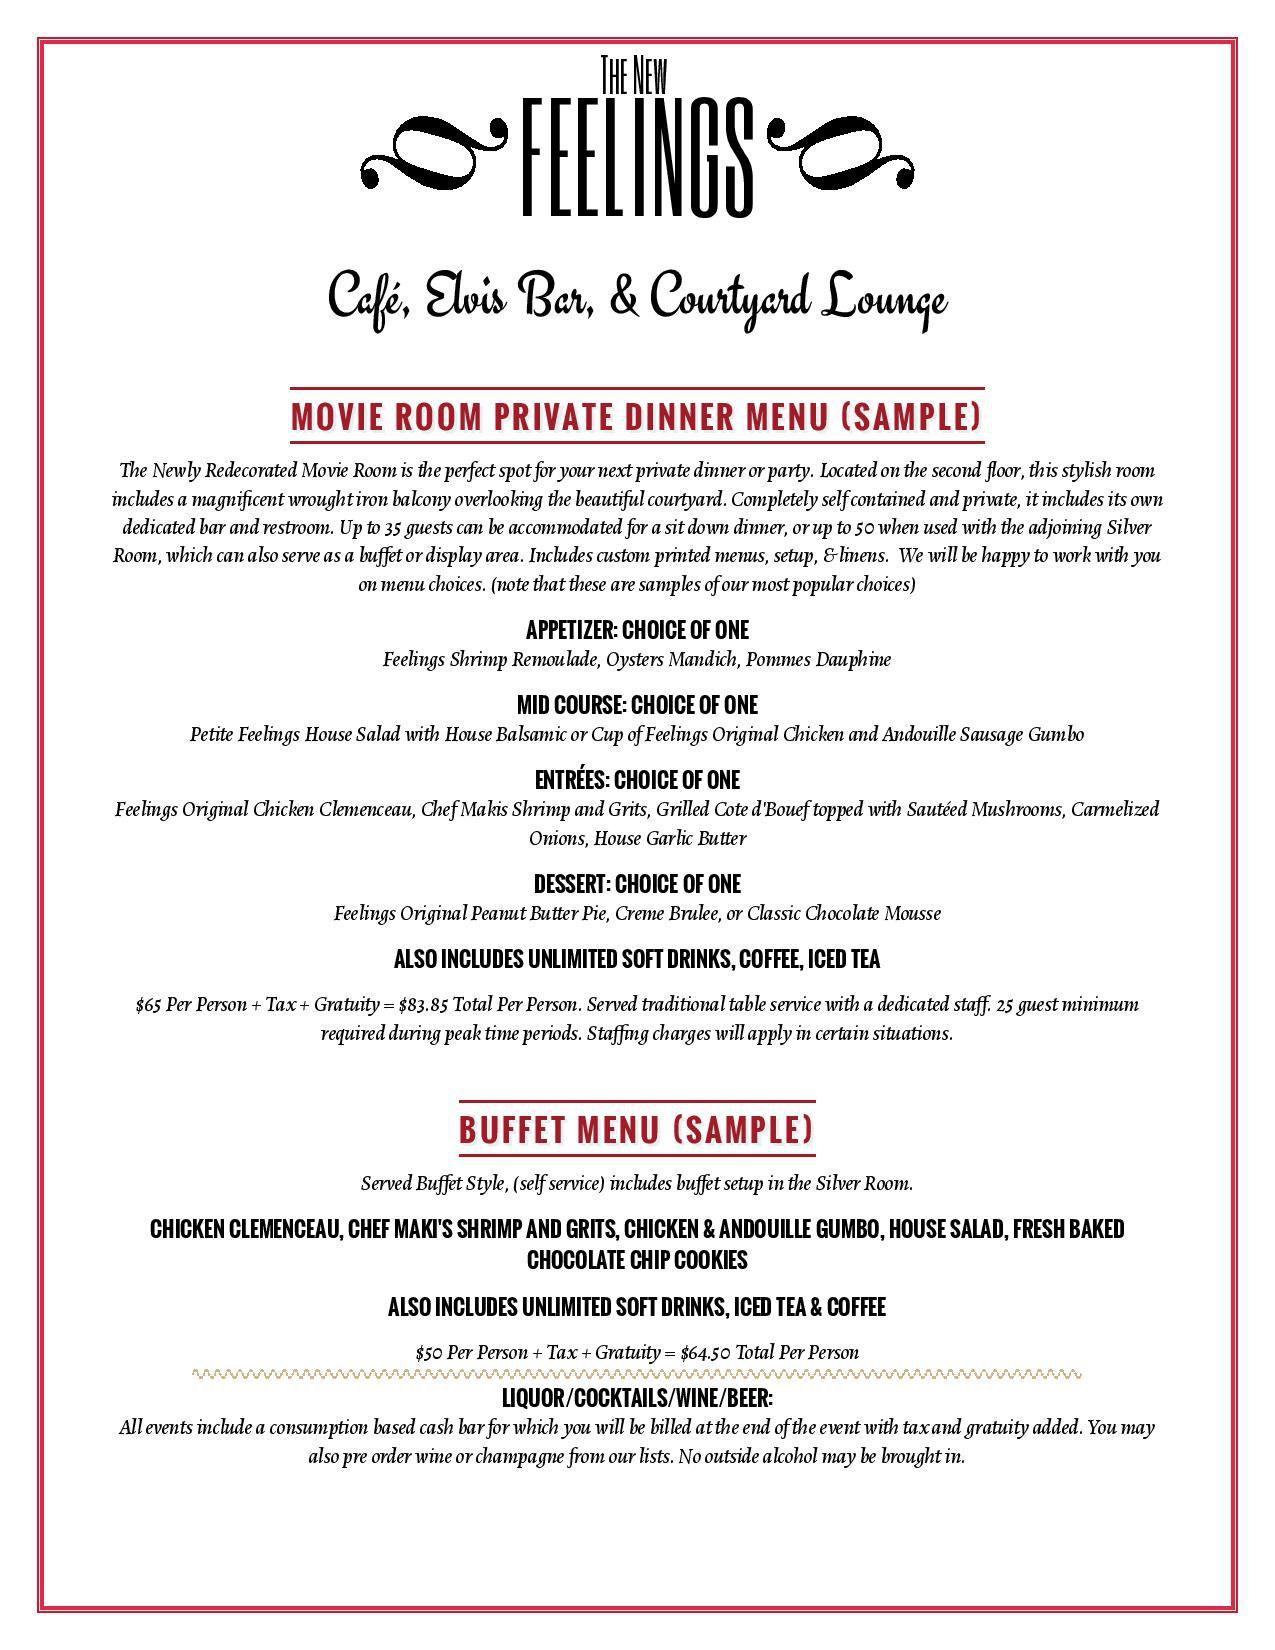 sample catering menu